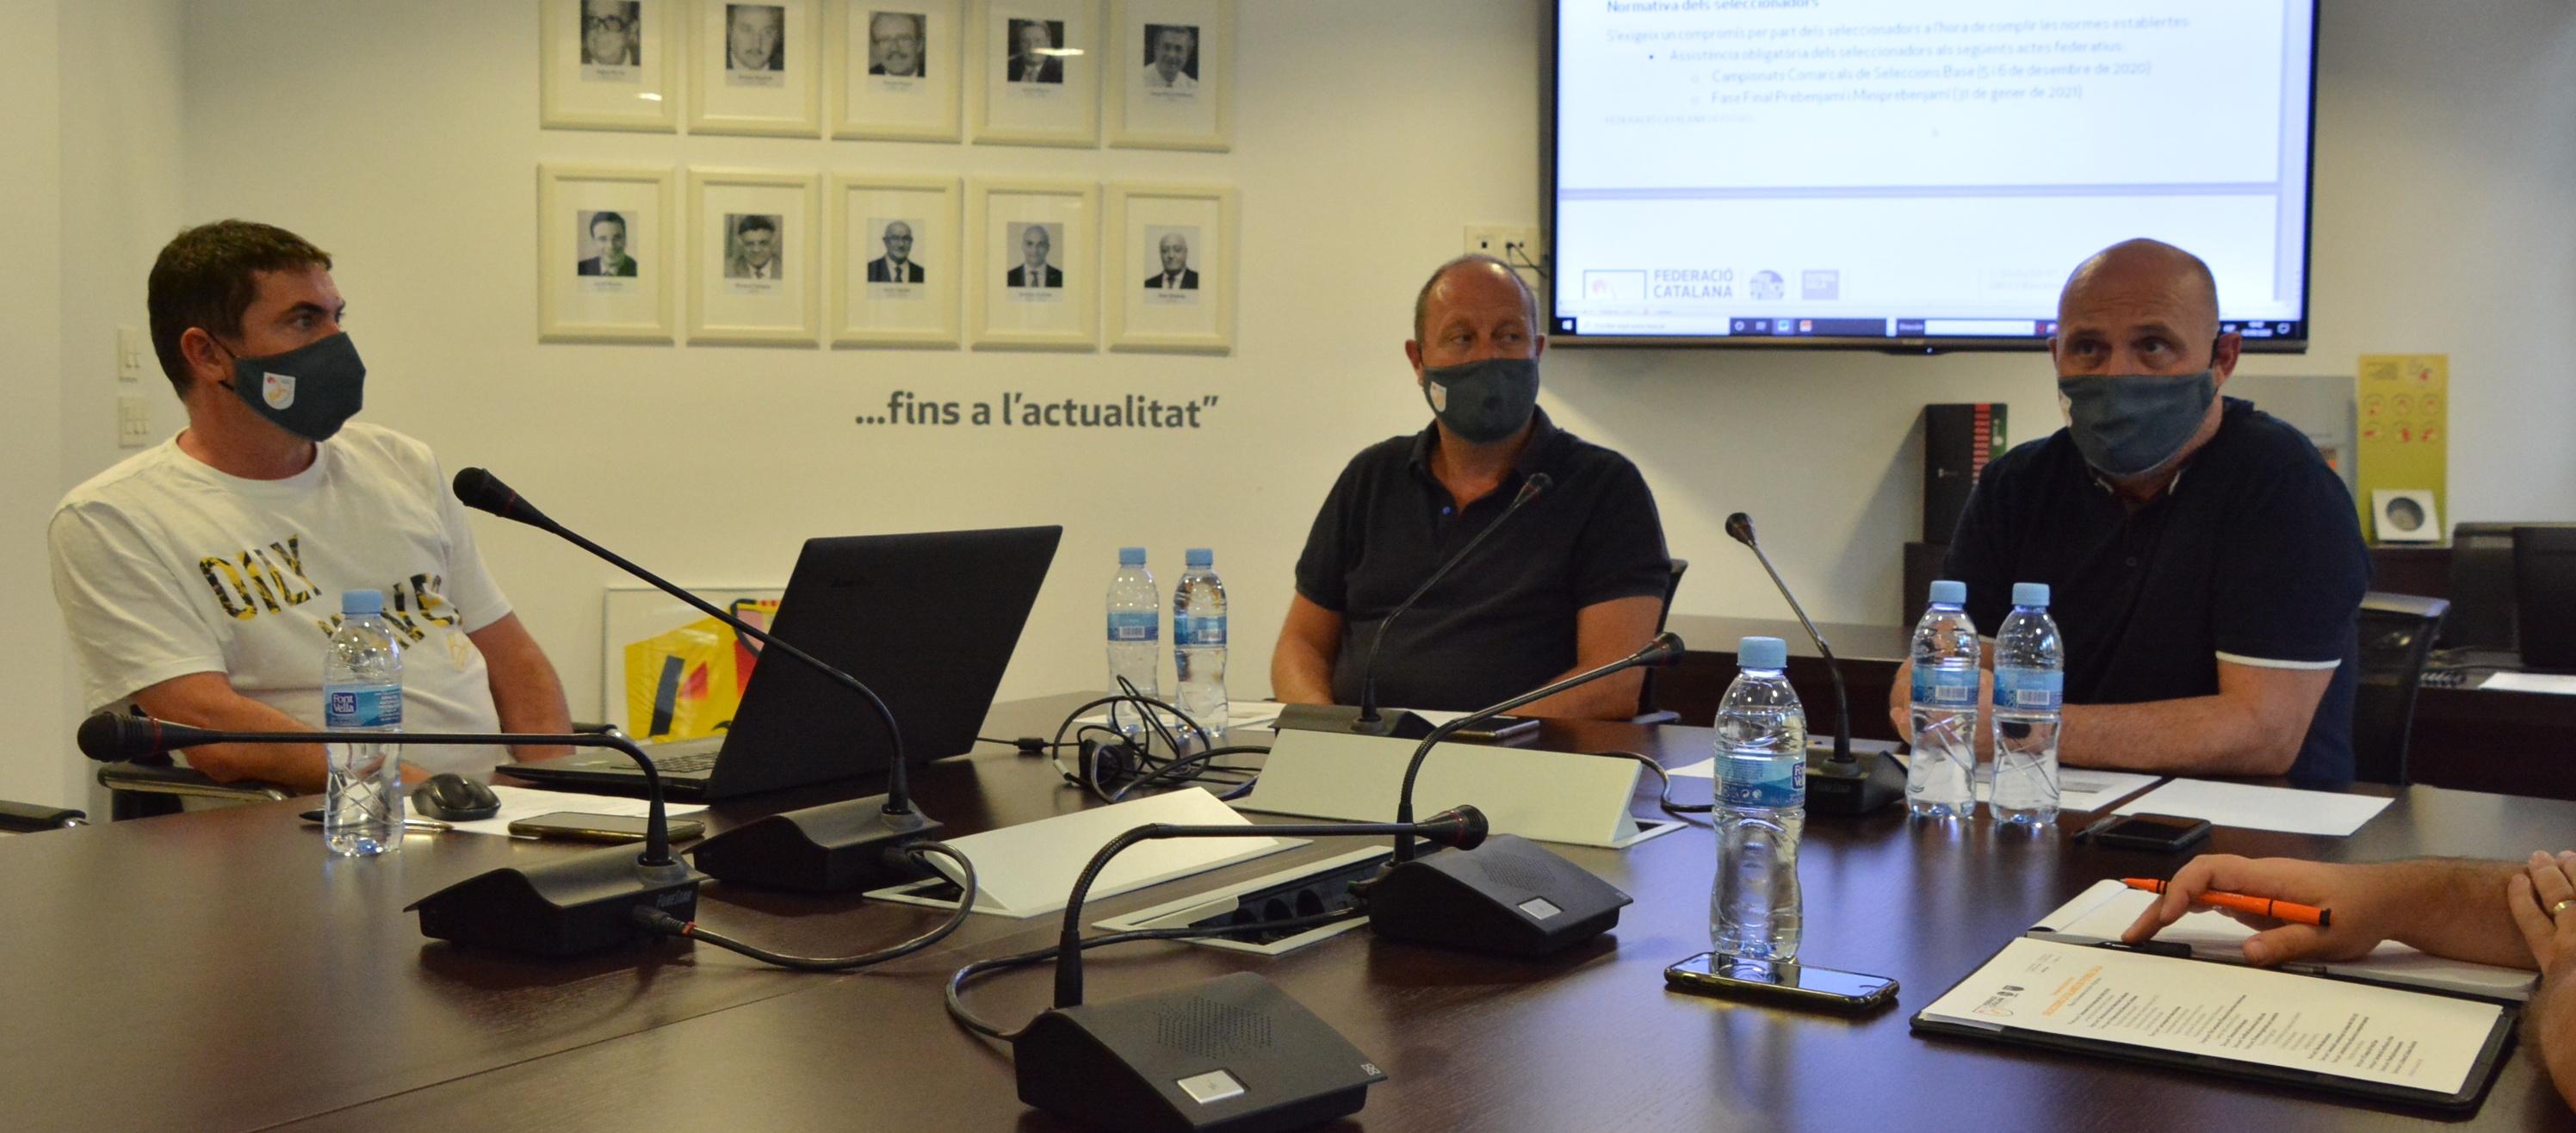 Primera reunió de la temporada de l'Àrea Esportiva i Seleccions Catalanes de futbol sala